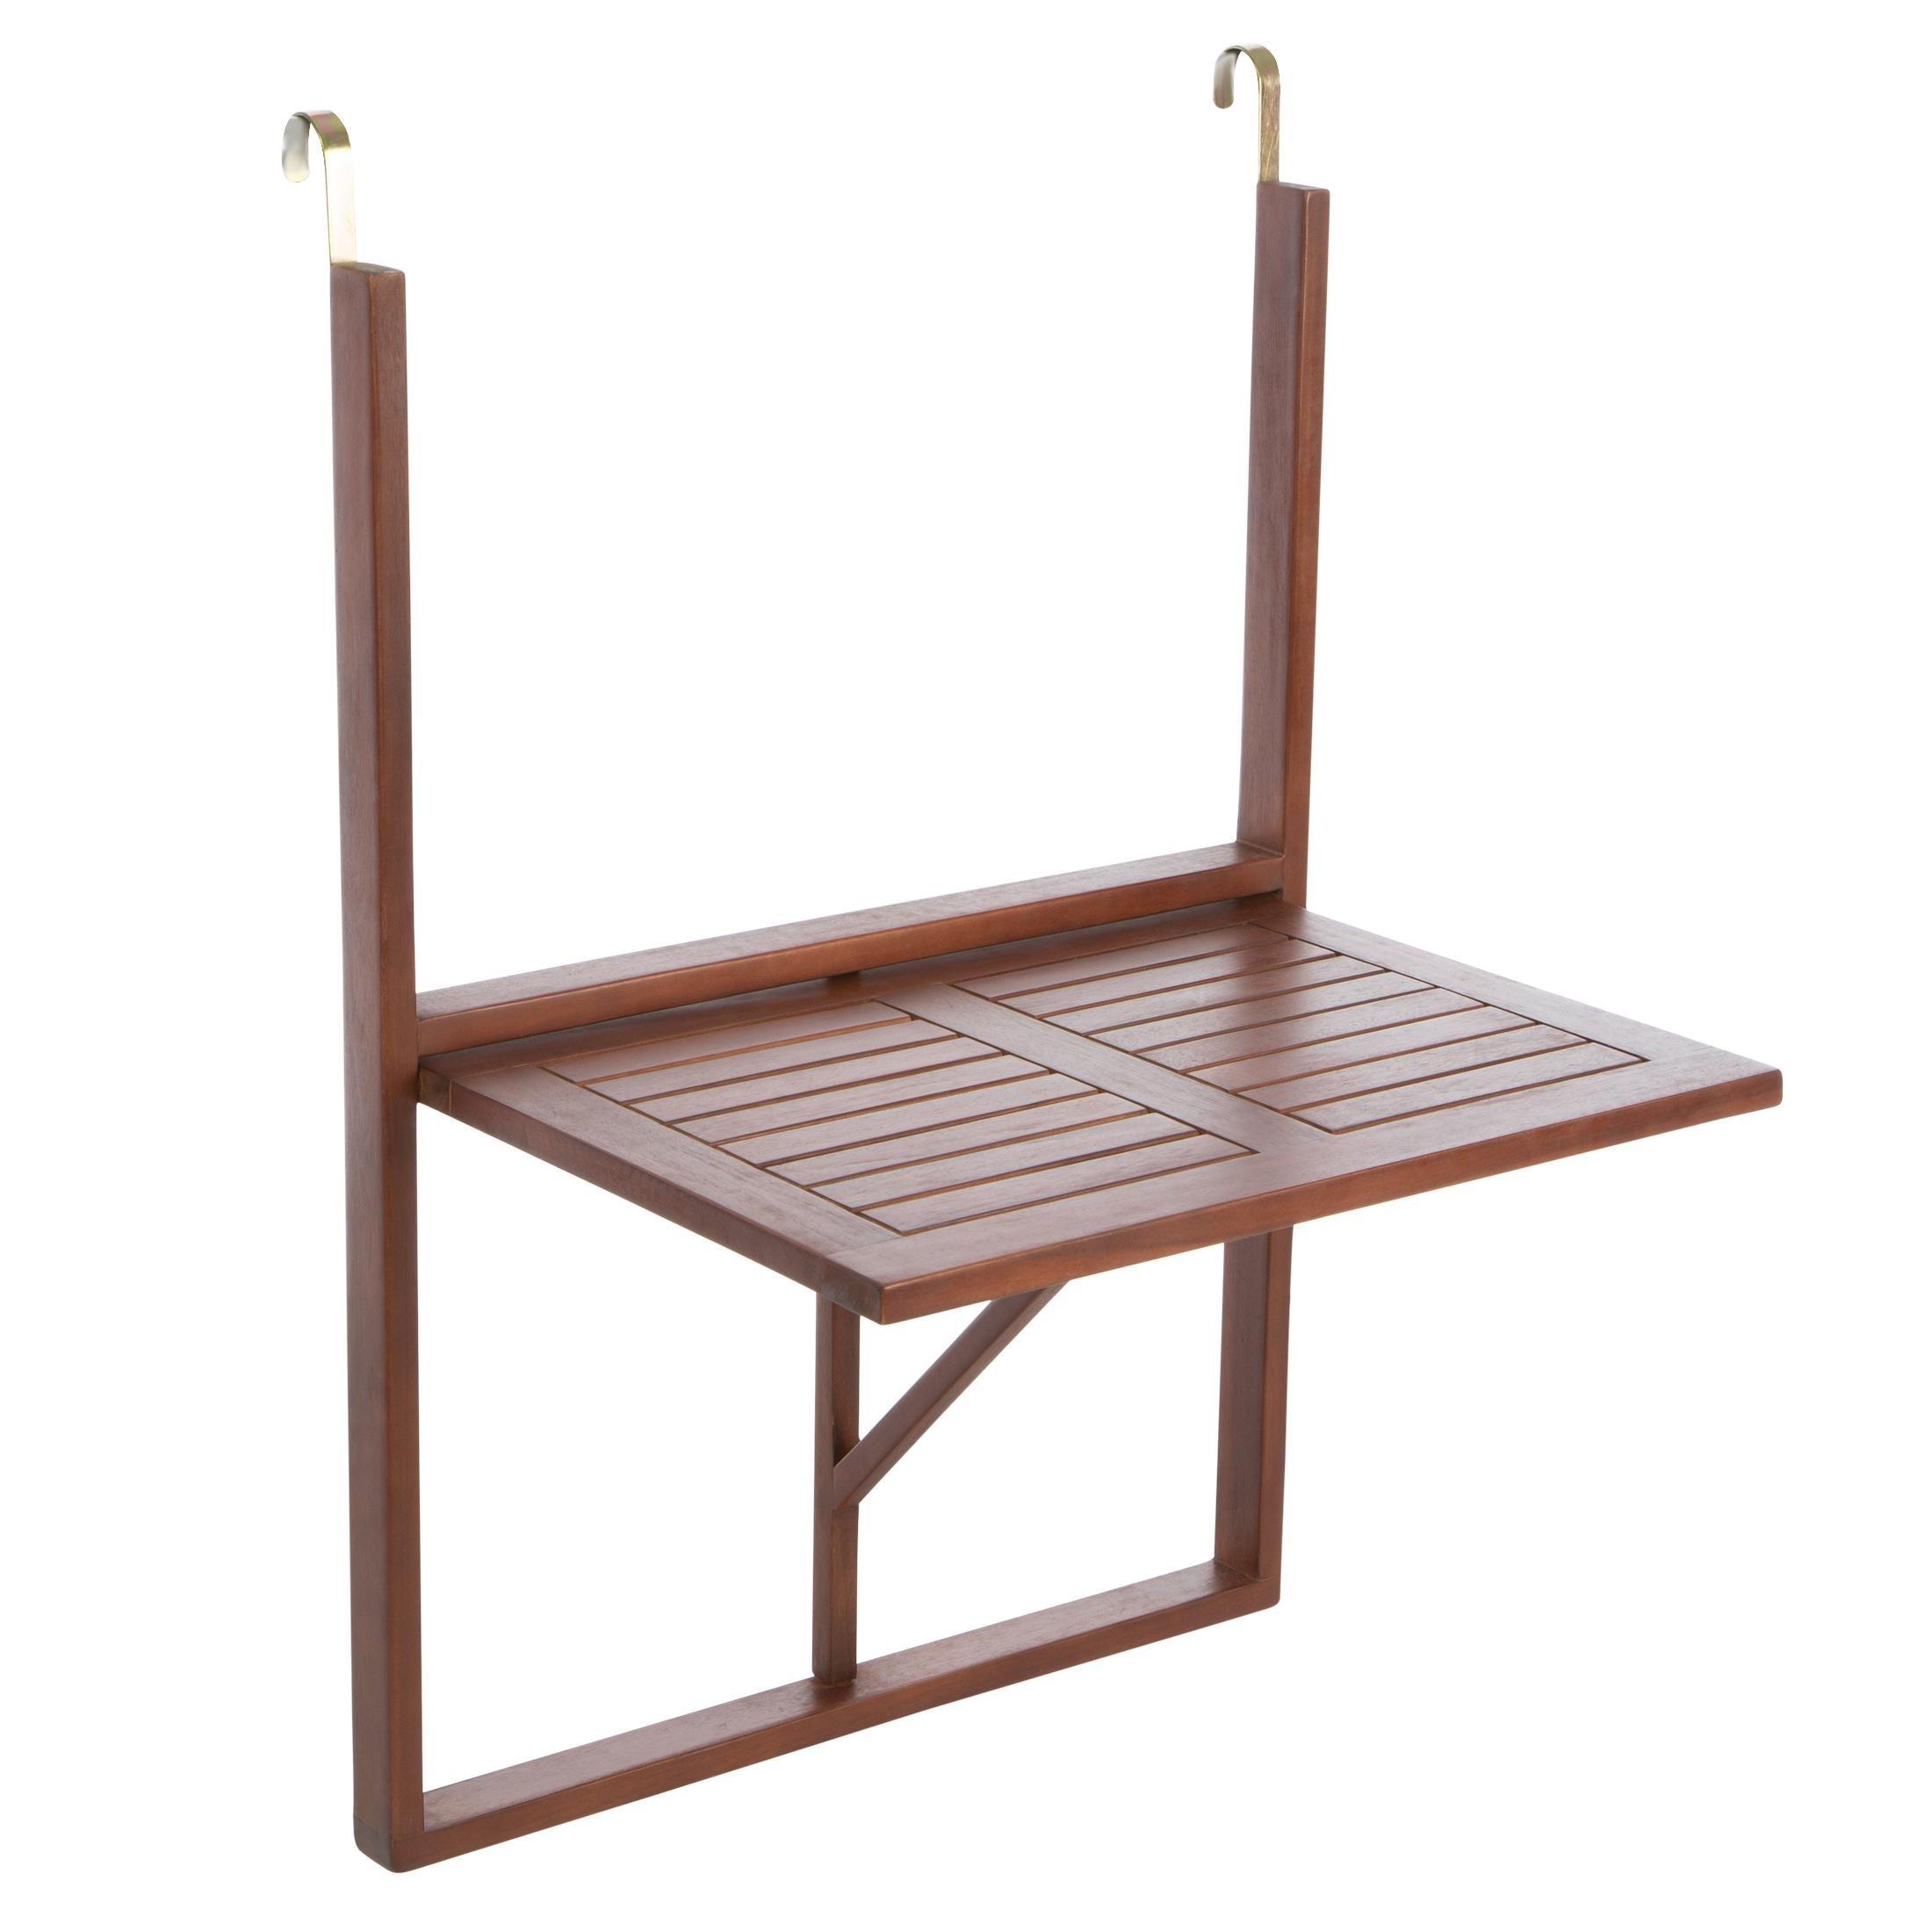 Tavoli Da Balcone Pieghevoli.Tavoli Da Balcone Pieghevoli Design Per La Casa E Idee Per